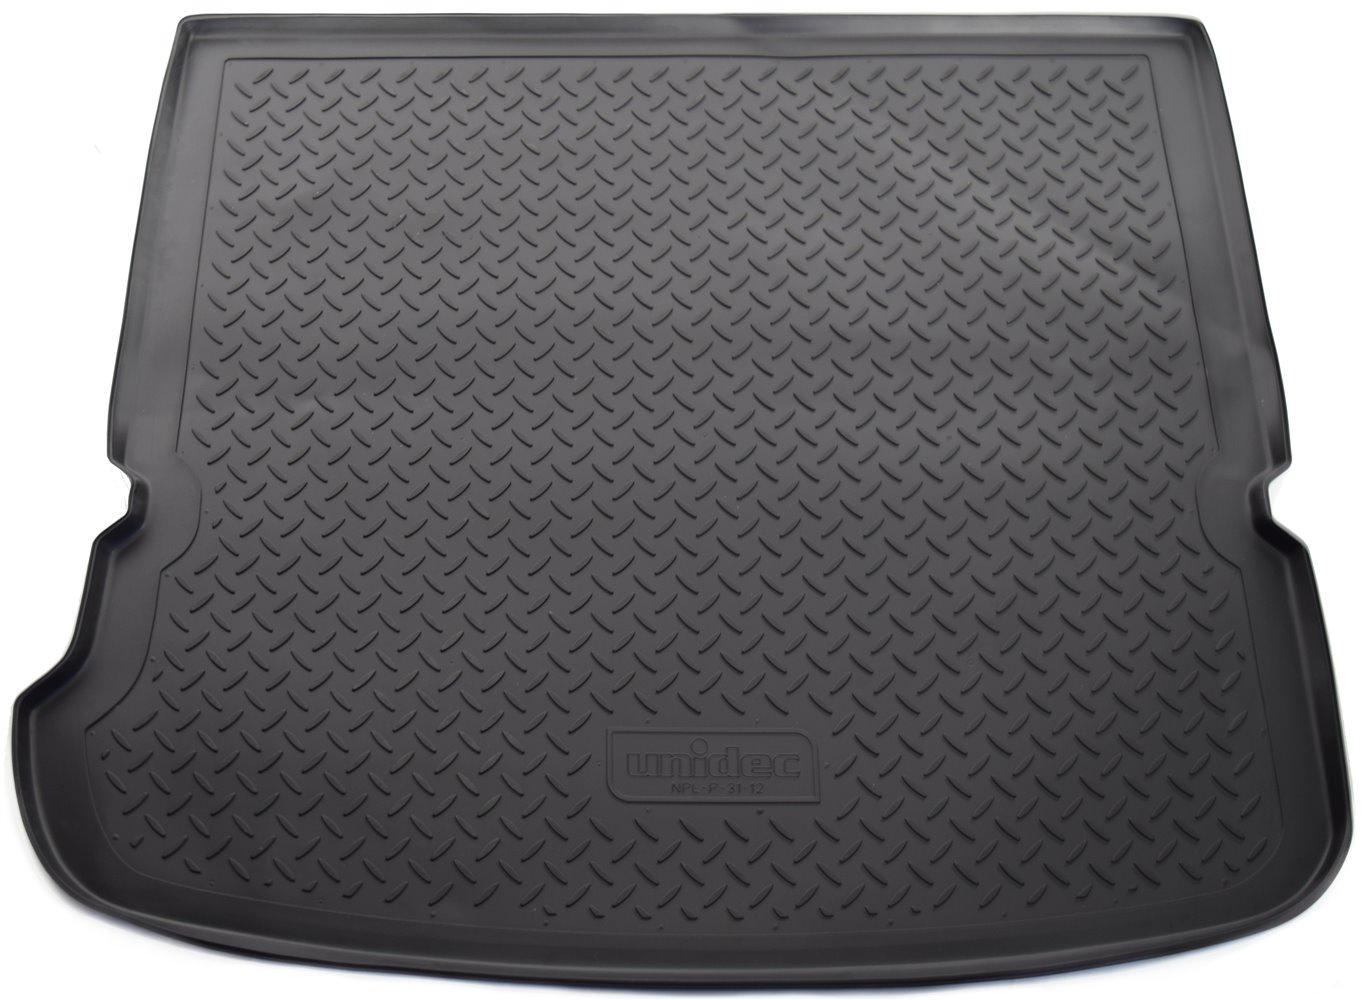 Коврик багажника Norplast для Hyundai ix55 EN 2008, NPL-P-31-12, черный замок рулевого вала fortus csl 2105 для автомобиля hyundai ix55 2009